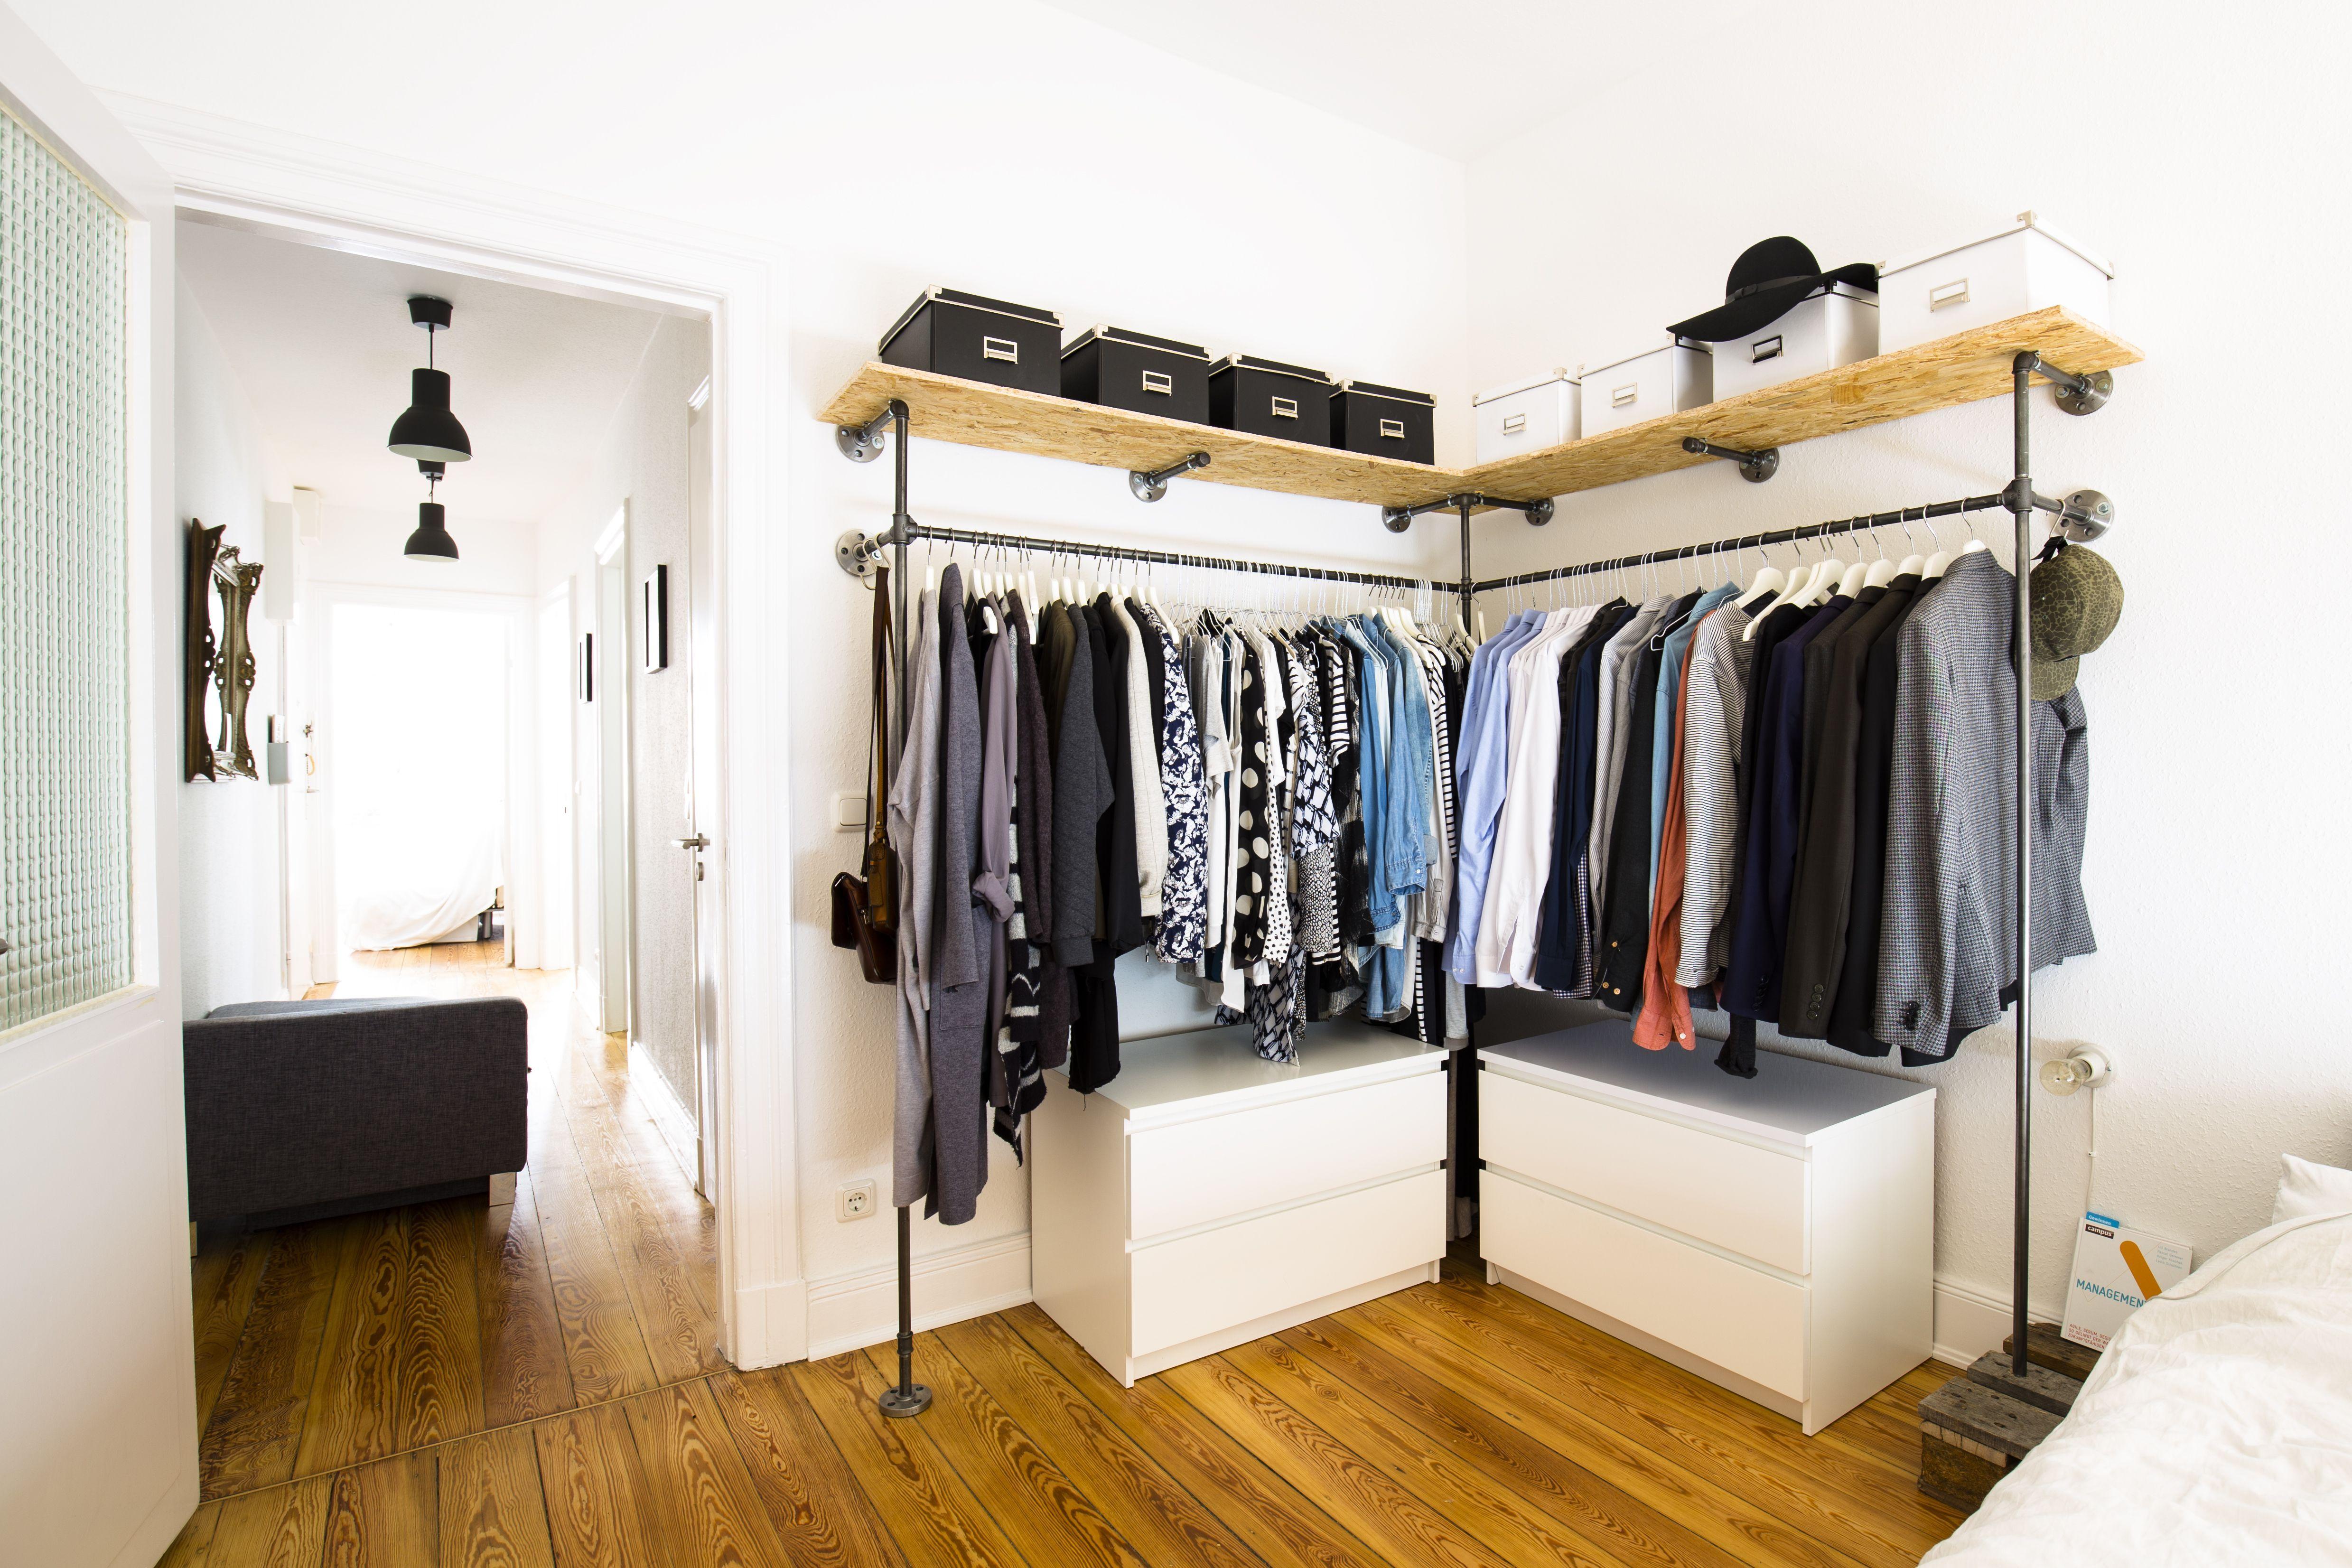 Kleiderschrank Industrial offener kleiderschrank open wardrobe kleiderstange clothes